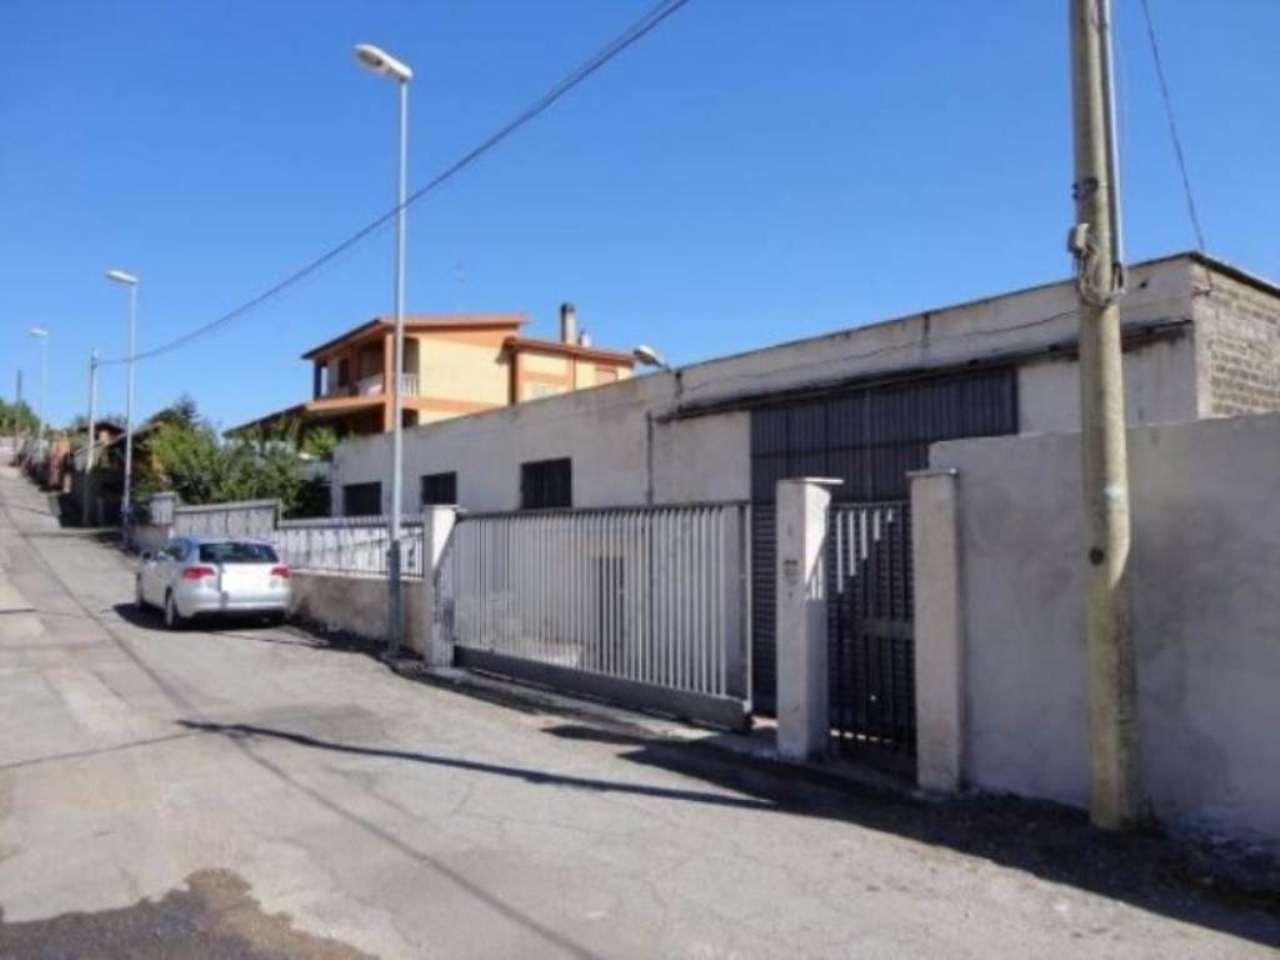 Capannone in vendita a Pomezia, 6 locali, prezzo € 159.000 | Cambio Casa.it